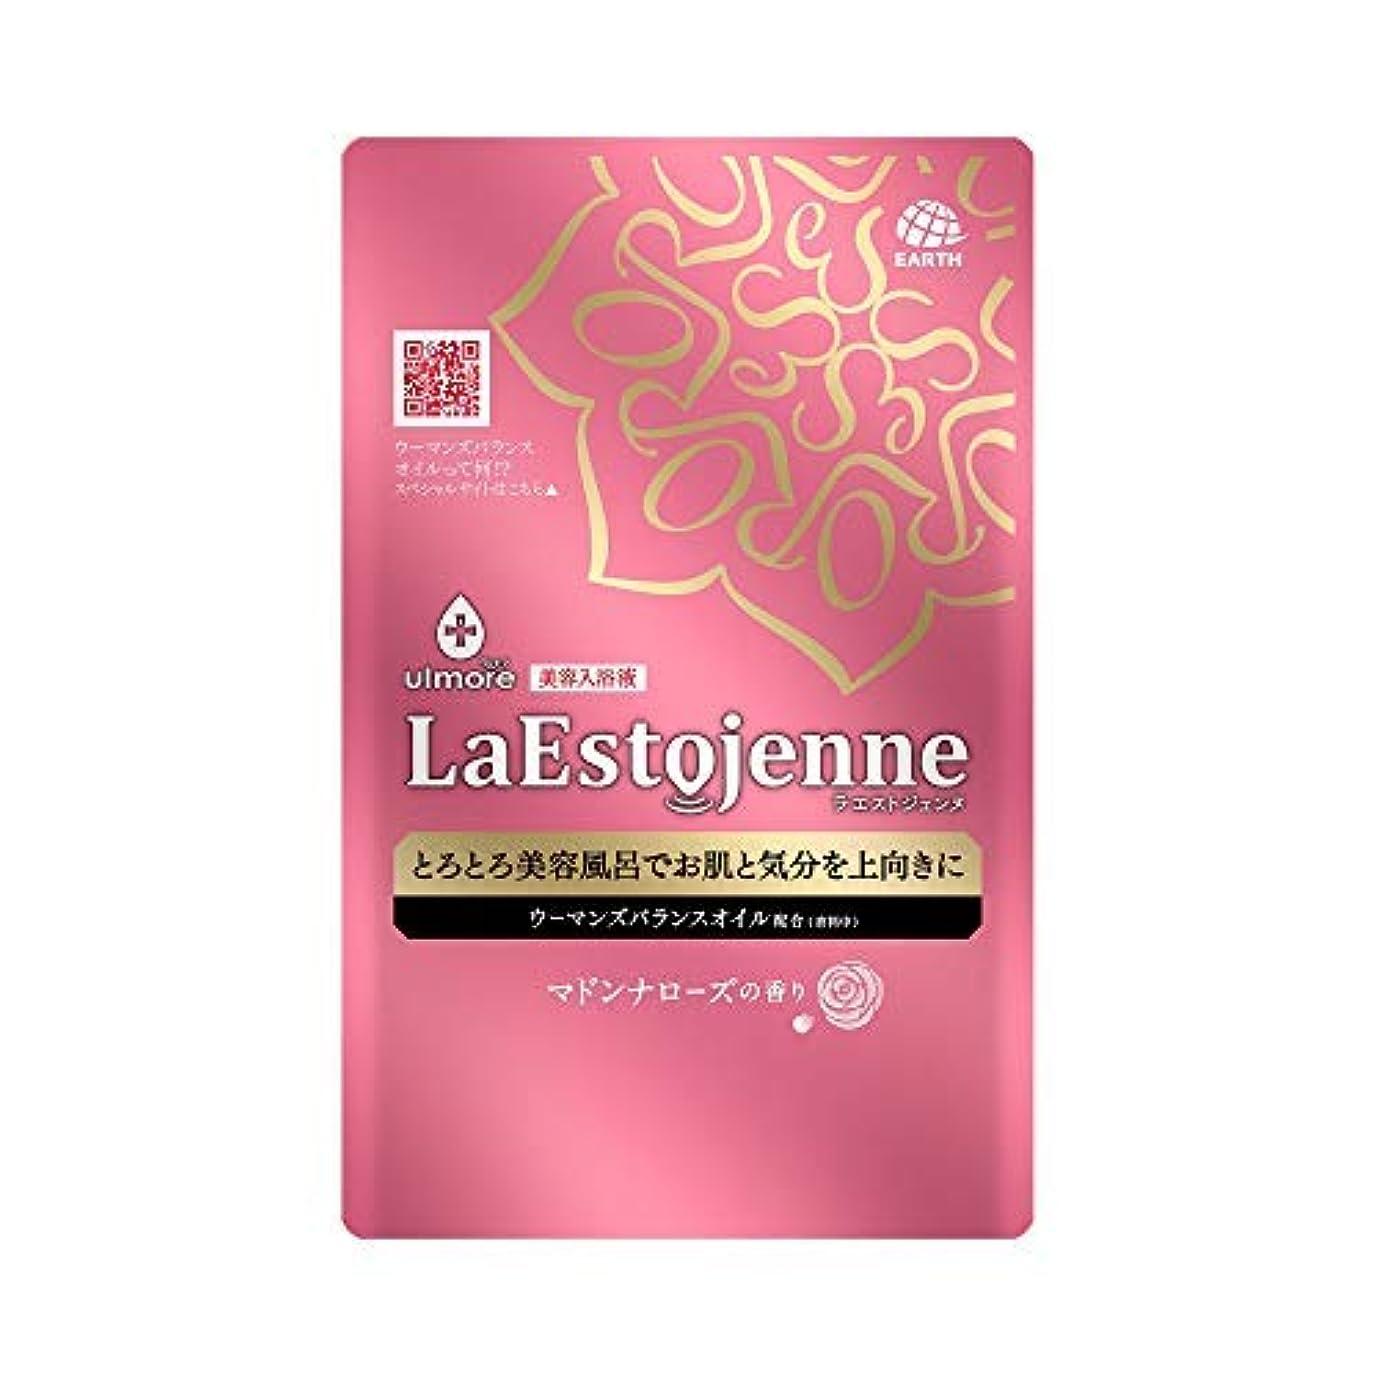 近代化おとうさんハシーウルモア ラエストジェンヌ マドンナローズの香り 1包 × 2個セット